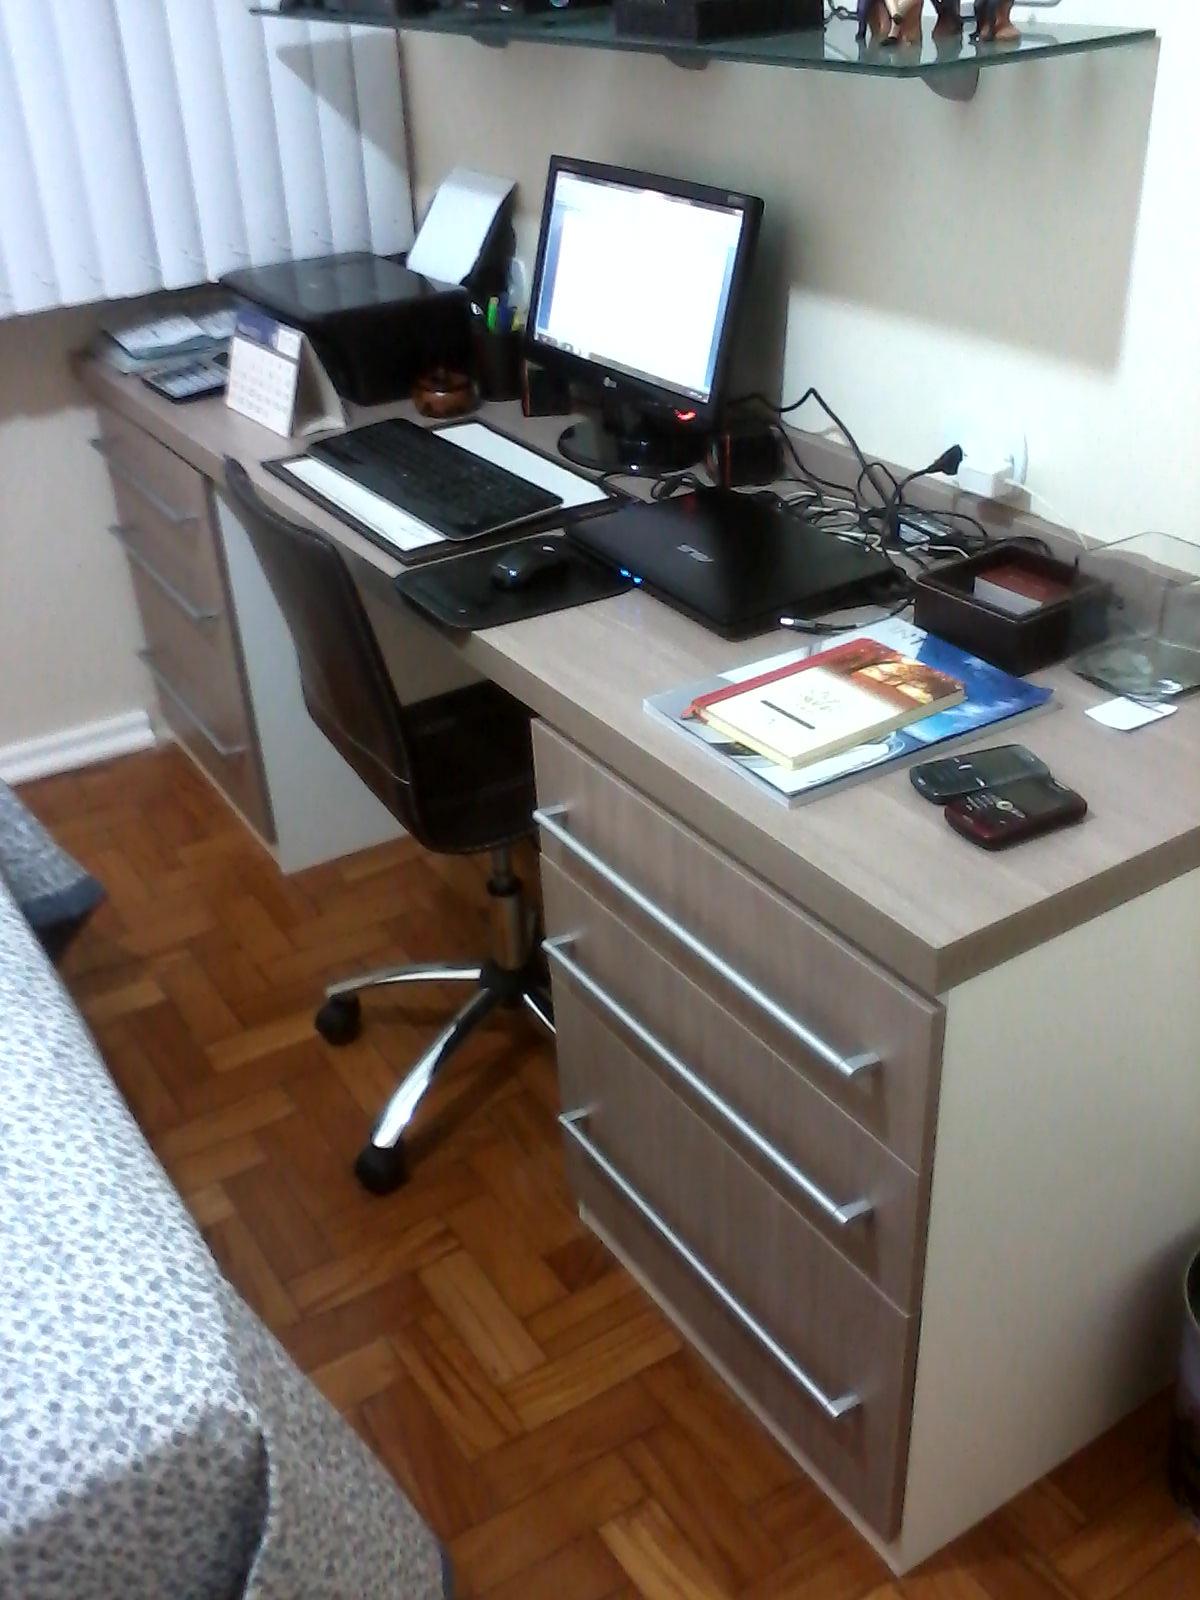 Ambientes & Ideias: Um quarto bonito funcional e aconchegante  #613B22 1200x1600 Banheiro Bonito E Funcional